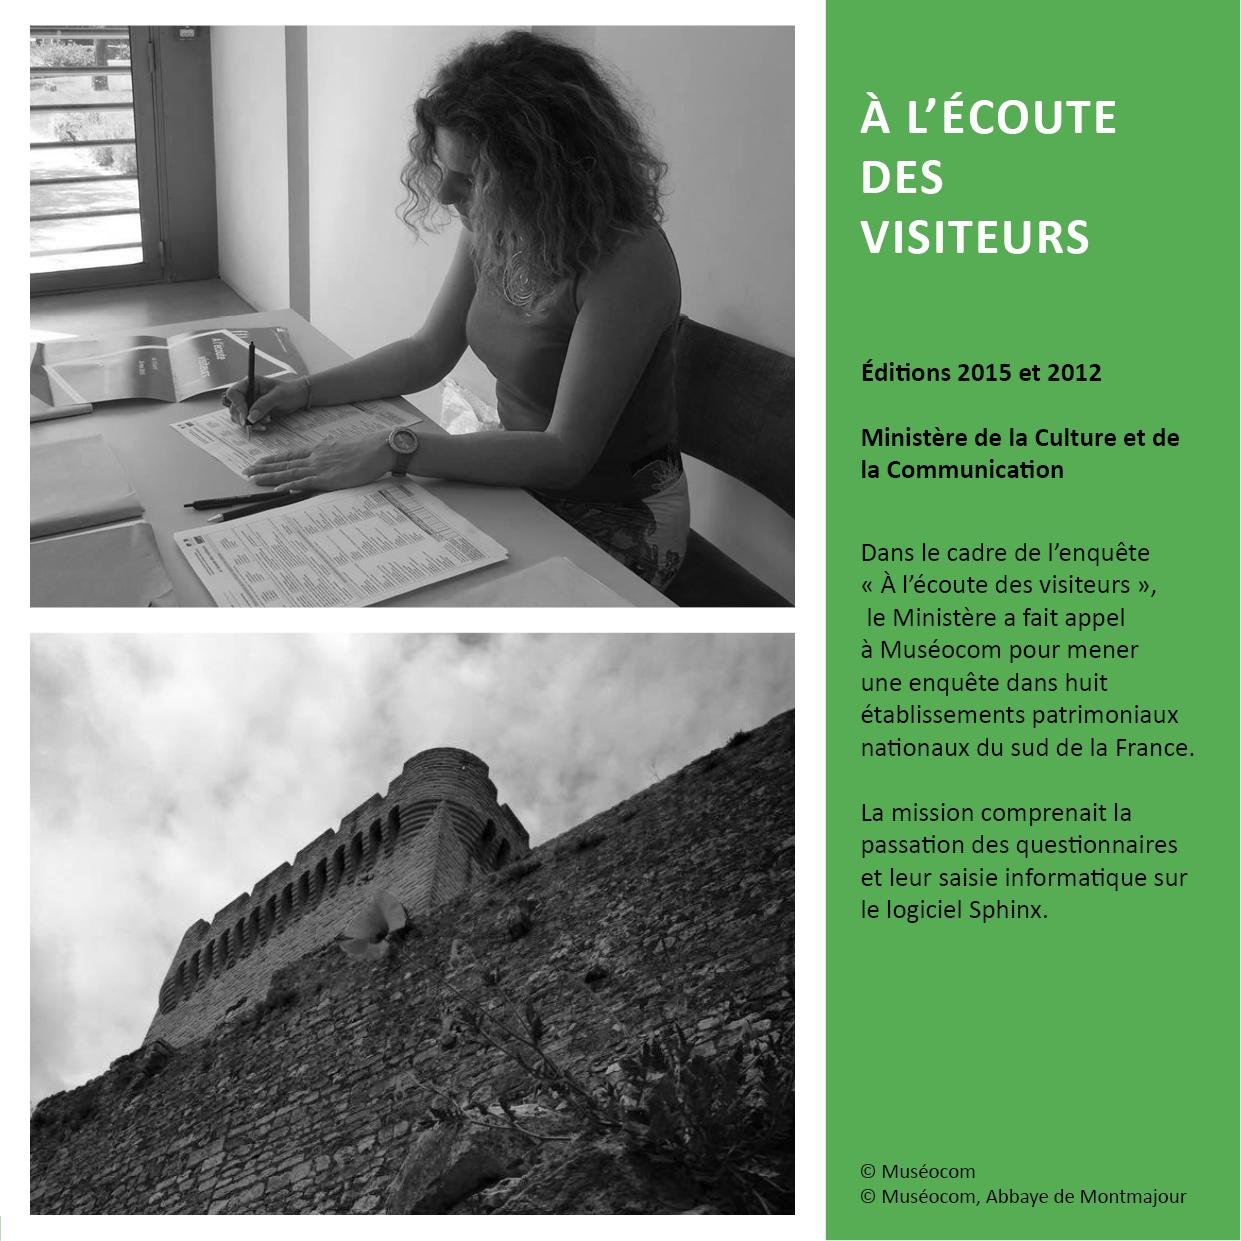 A L'ECOUTE DES VISITEURS